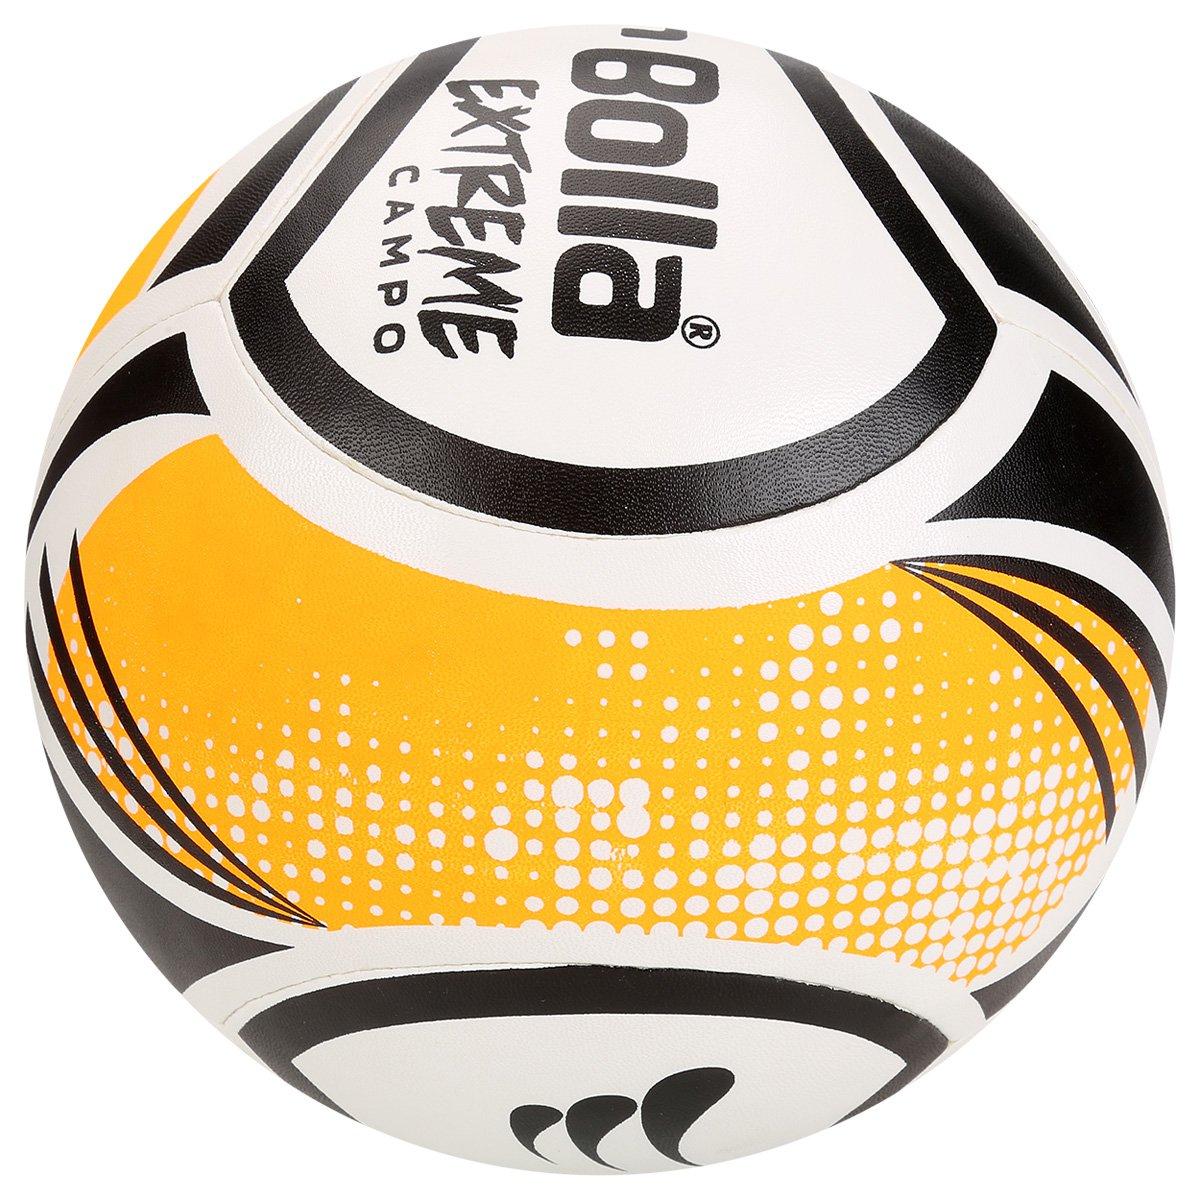 ceb054c36e Bola Futebol Super Bolla Extreme 6 Gomos Campo - Compre Agora